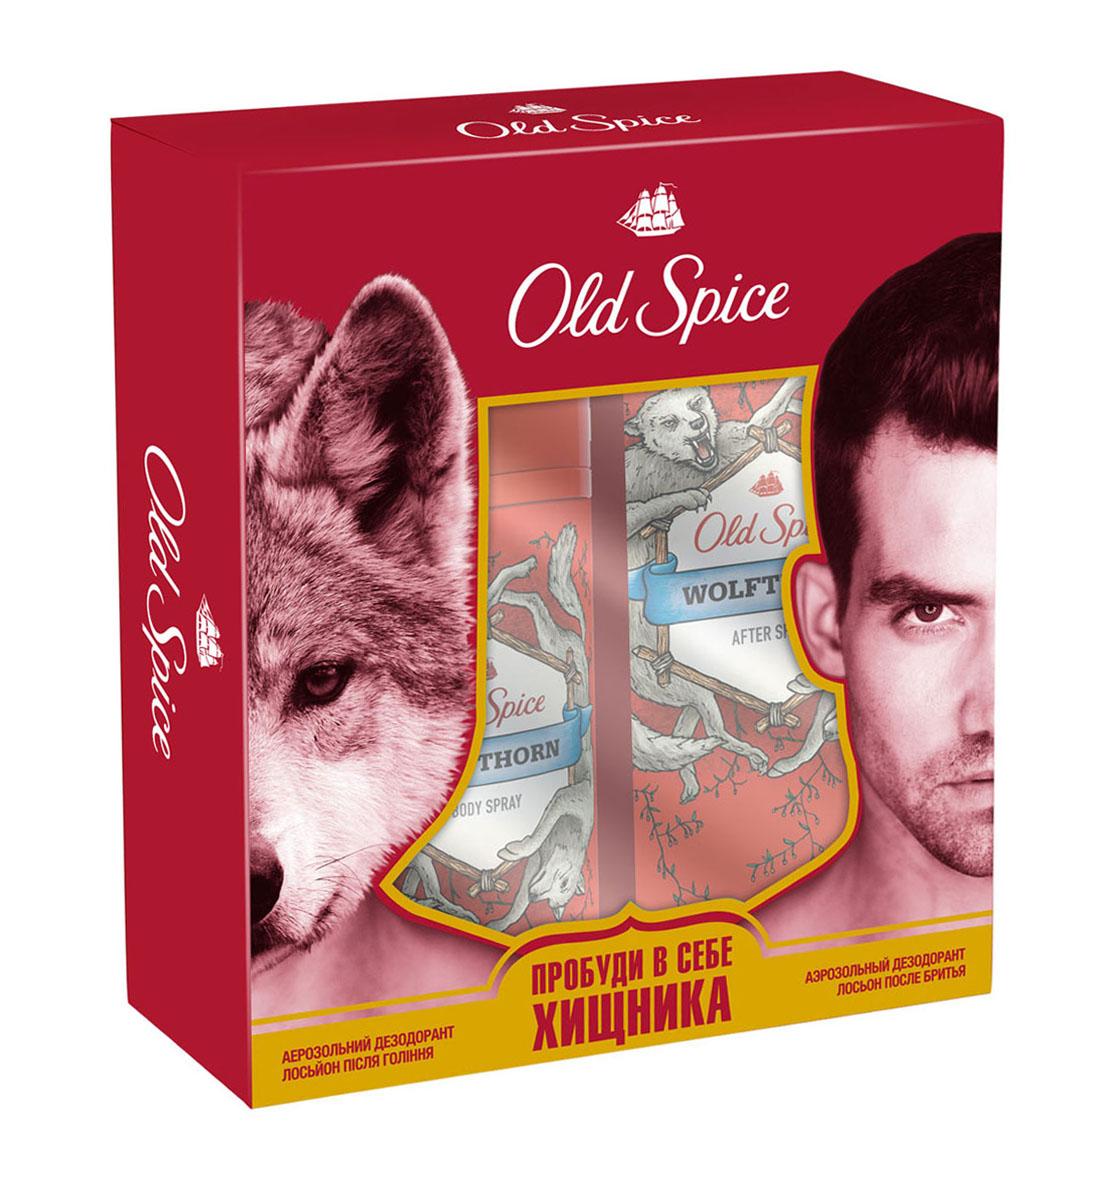 Old Spice Подарочный набор WOLFTHORN: Аэрозольный дезодорант 125 мл + Лосьон после бритья 100млOS-81543776Пробуди в себе хищника! Old Spice Wolfthorn – это аромат звериного желания и колючей шерсти. Если запах колючей шерсти – это не то, что ты ищешь в аромате, то как насчет этого: Wolfthorn – это аромат нежных поцелуев бабочек и таинственного леденящего взгляда, от которого даже по спинам эскимосов бегут мурашки.